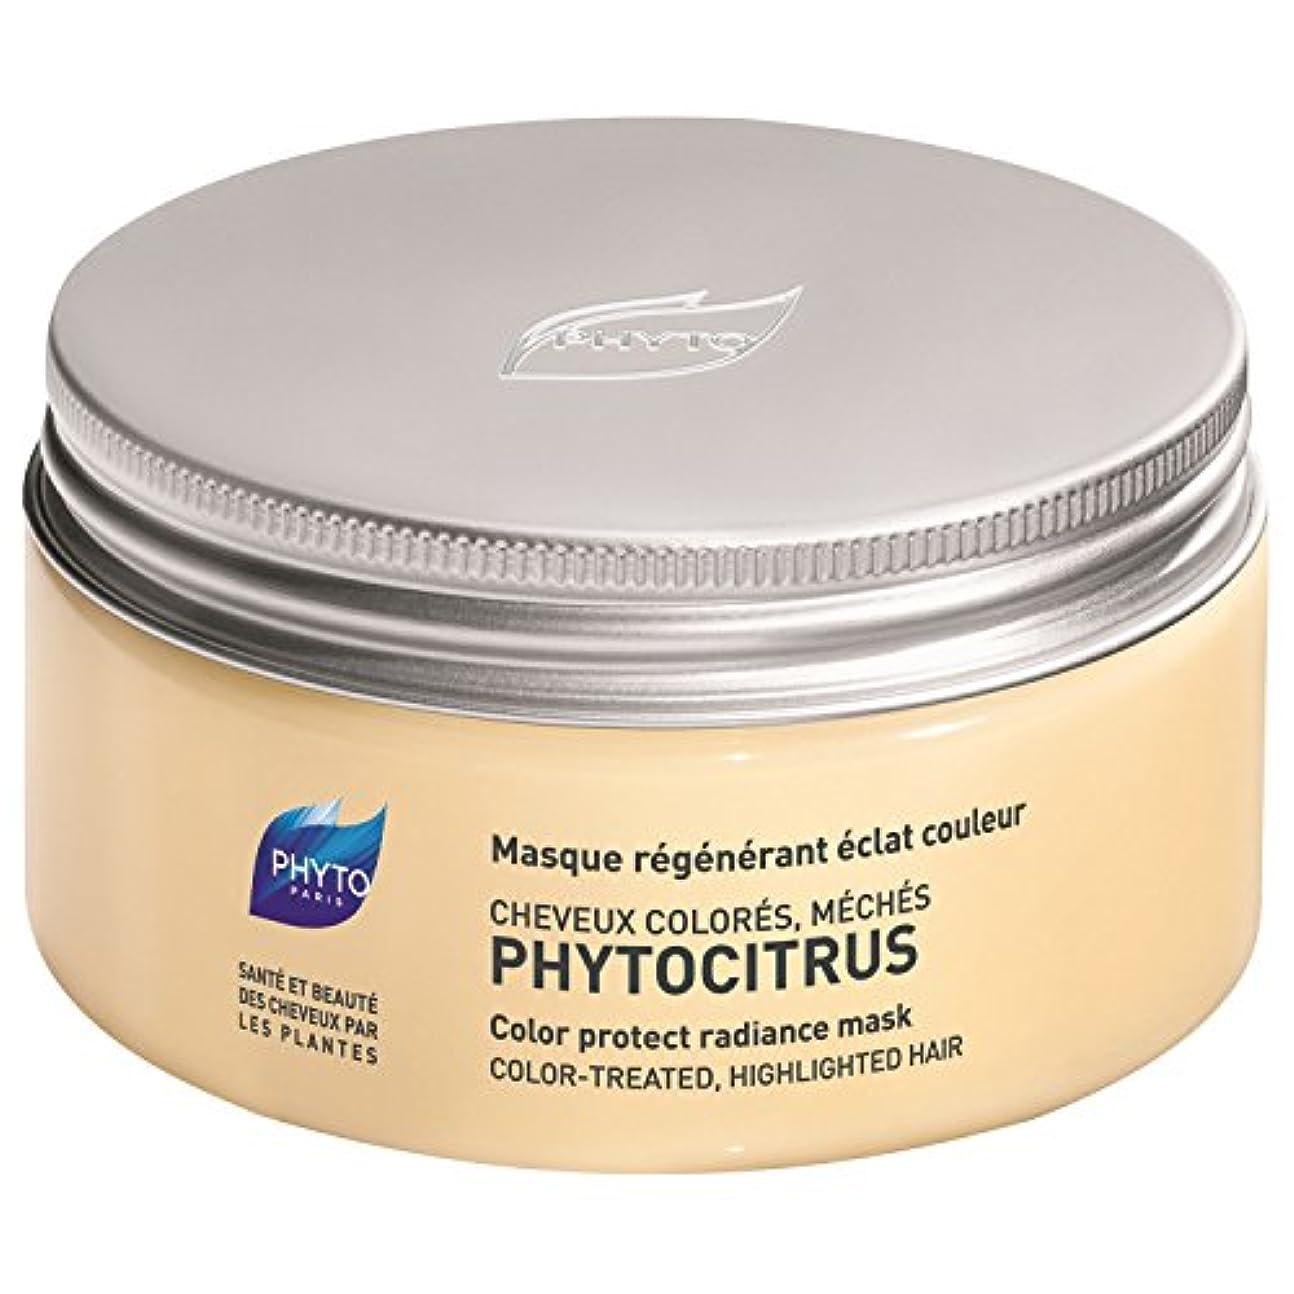 中傷フリルリードフィトPhytocitrus色保護放射輝度マスク200ミリリットル (Phyto) (x2) - Phyto Phytocitrus Colour Protect Radiance Mask 200ml (Pack of...